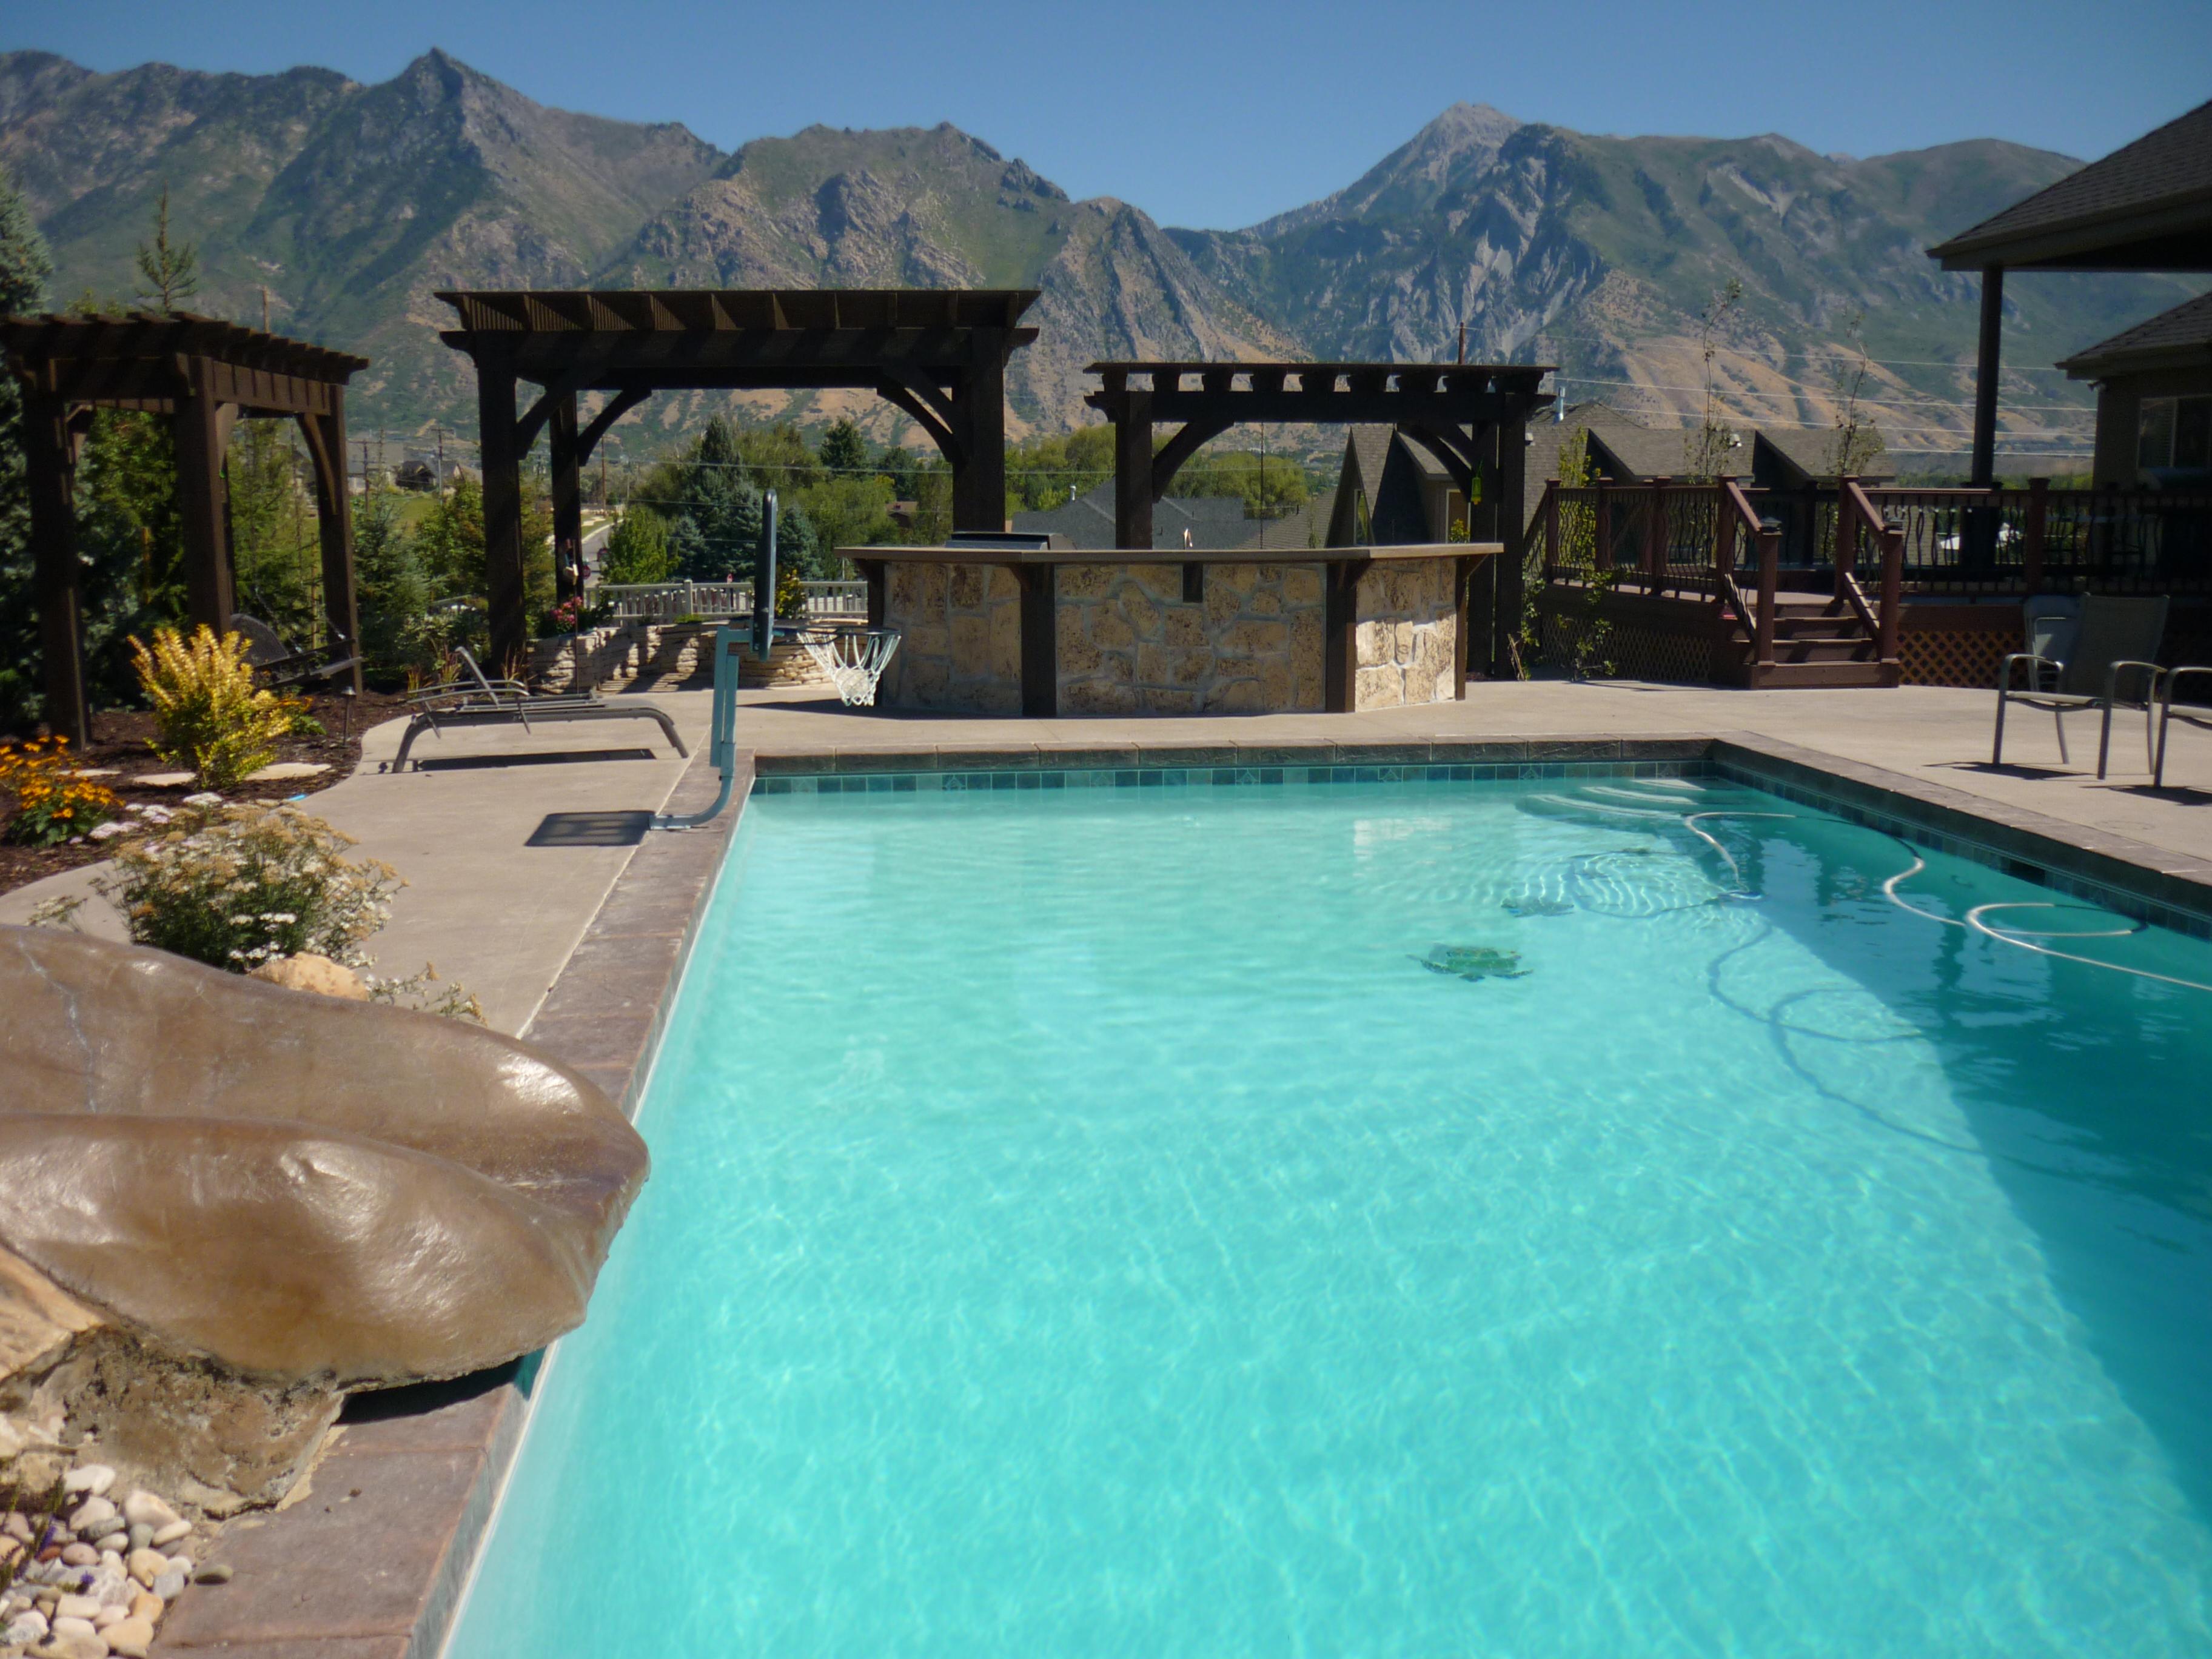 20 x 40 gunite swimming pool in utah chris jensen for Pool design utah